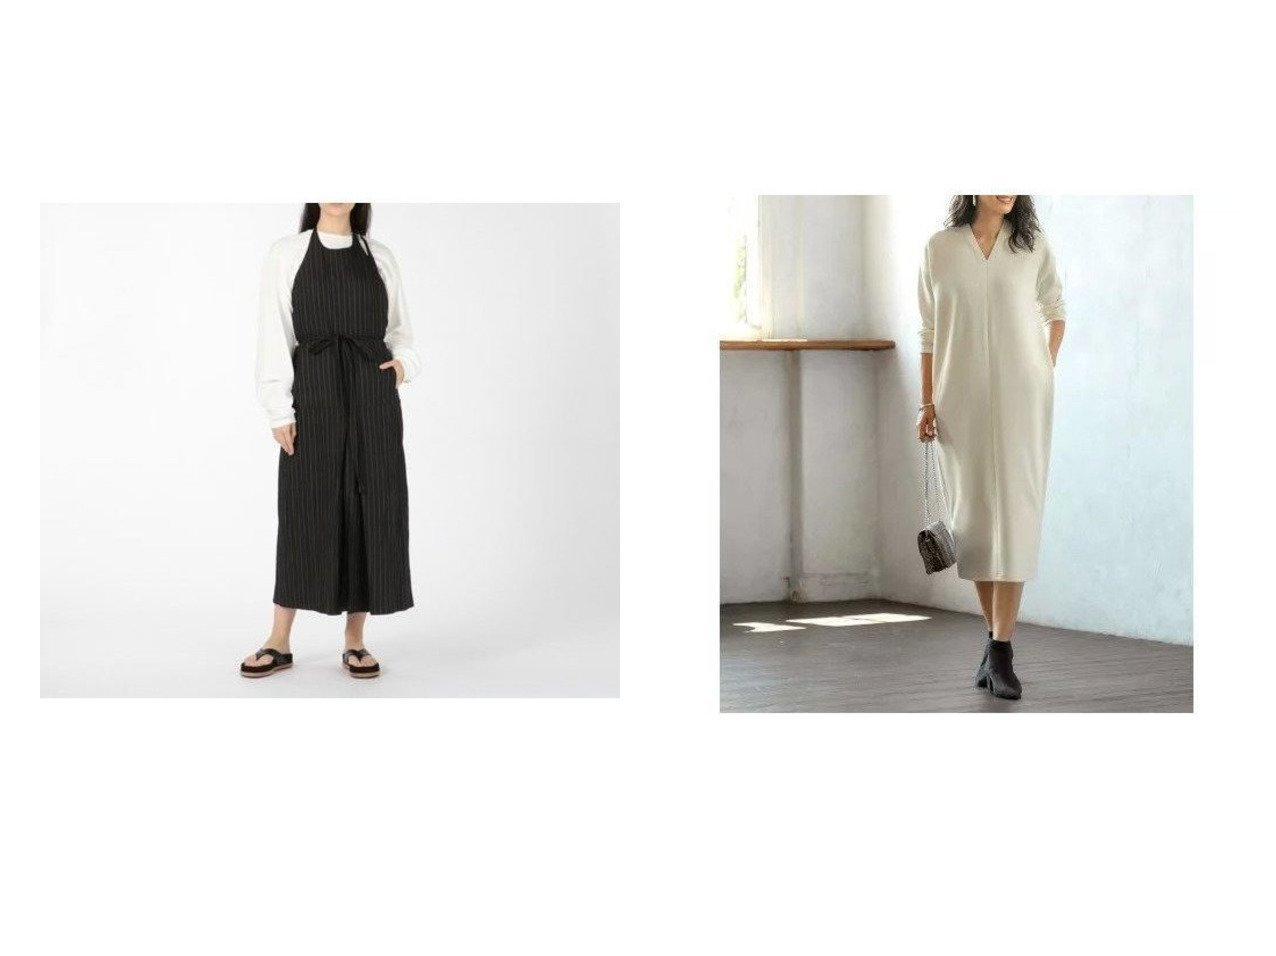 【STYLE DELI/スタイルデリ】のリラックスVネックワンピースD&【JANE SMITH/ジェーンスミス】のHALTERNECK APRON OP ワンピース・ドレスのおすすめ!人気、トレンド・レディースファッションの通販  おすすめで人気の流行・トレンド、ファッションの通販商品 メンズファッション・キッズファッション・インテリア・家具・レディースファッション・服の通販 founy(ファニー) https://founy.com/ ファッション Fashion レディースファッション WOMEN ワンピース Dress カットソー スリット タンク プリーツ ボックス コクーン シューズ ショルダー シンプル ジャージー スニーカー タイツ ドロップ 人気 長袖 フラット ベーシック ペチコート ポケット リラックス 冬 Winter A/W 秋冬 AW Autumn/Winter / FW Fall-Winter 2020年 2020 2020-2021 秋冬 A/W AW Autumn/Winter / FW Fall-Winter 2020-2021 |ID:crp329100000010235